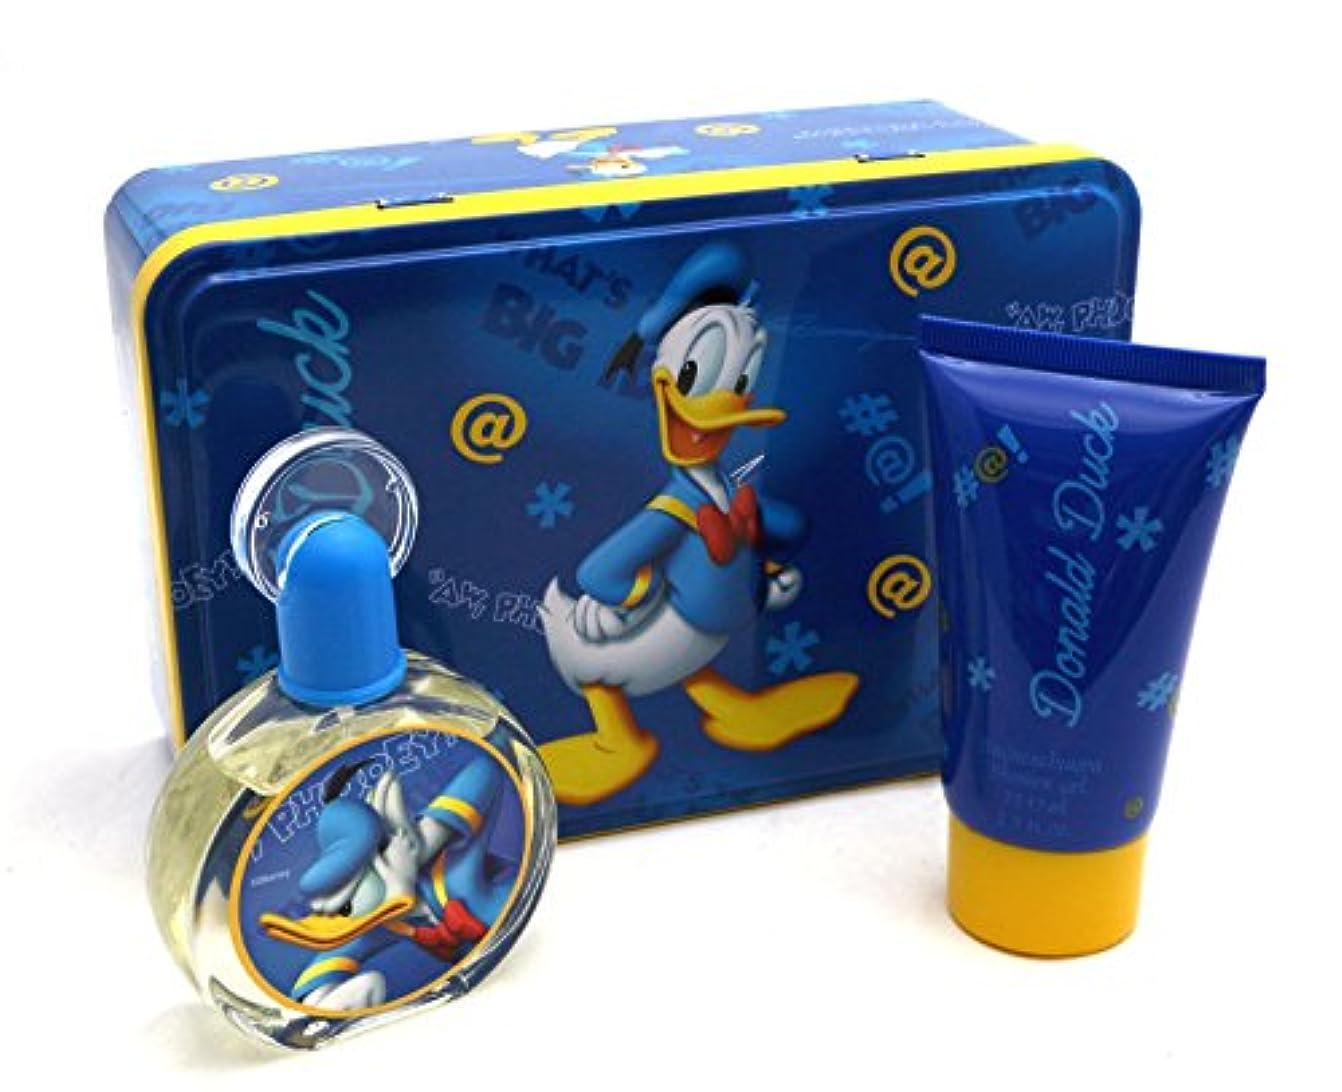 せがむ凍る突破口Donald Duck (ドナルドダック) 1.7 oz (50ml) EDT Spray + 2.5 oz (75ml) Shower Gel by Disney